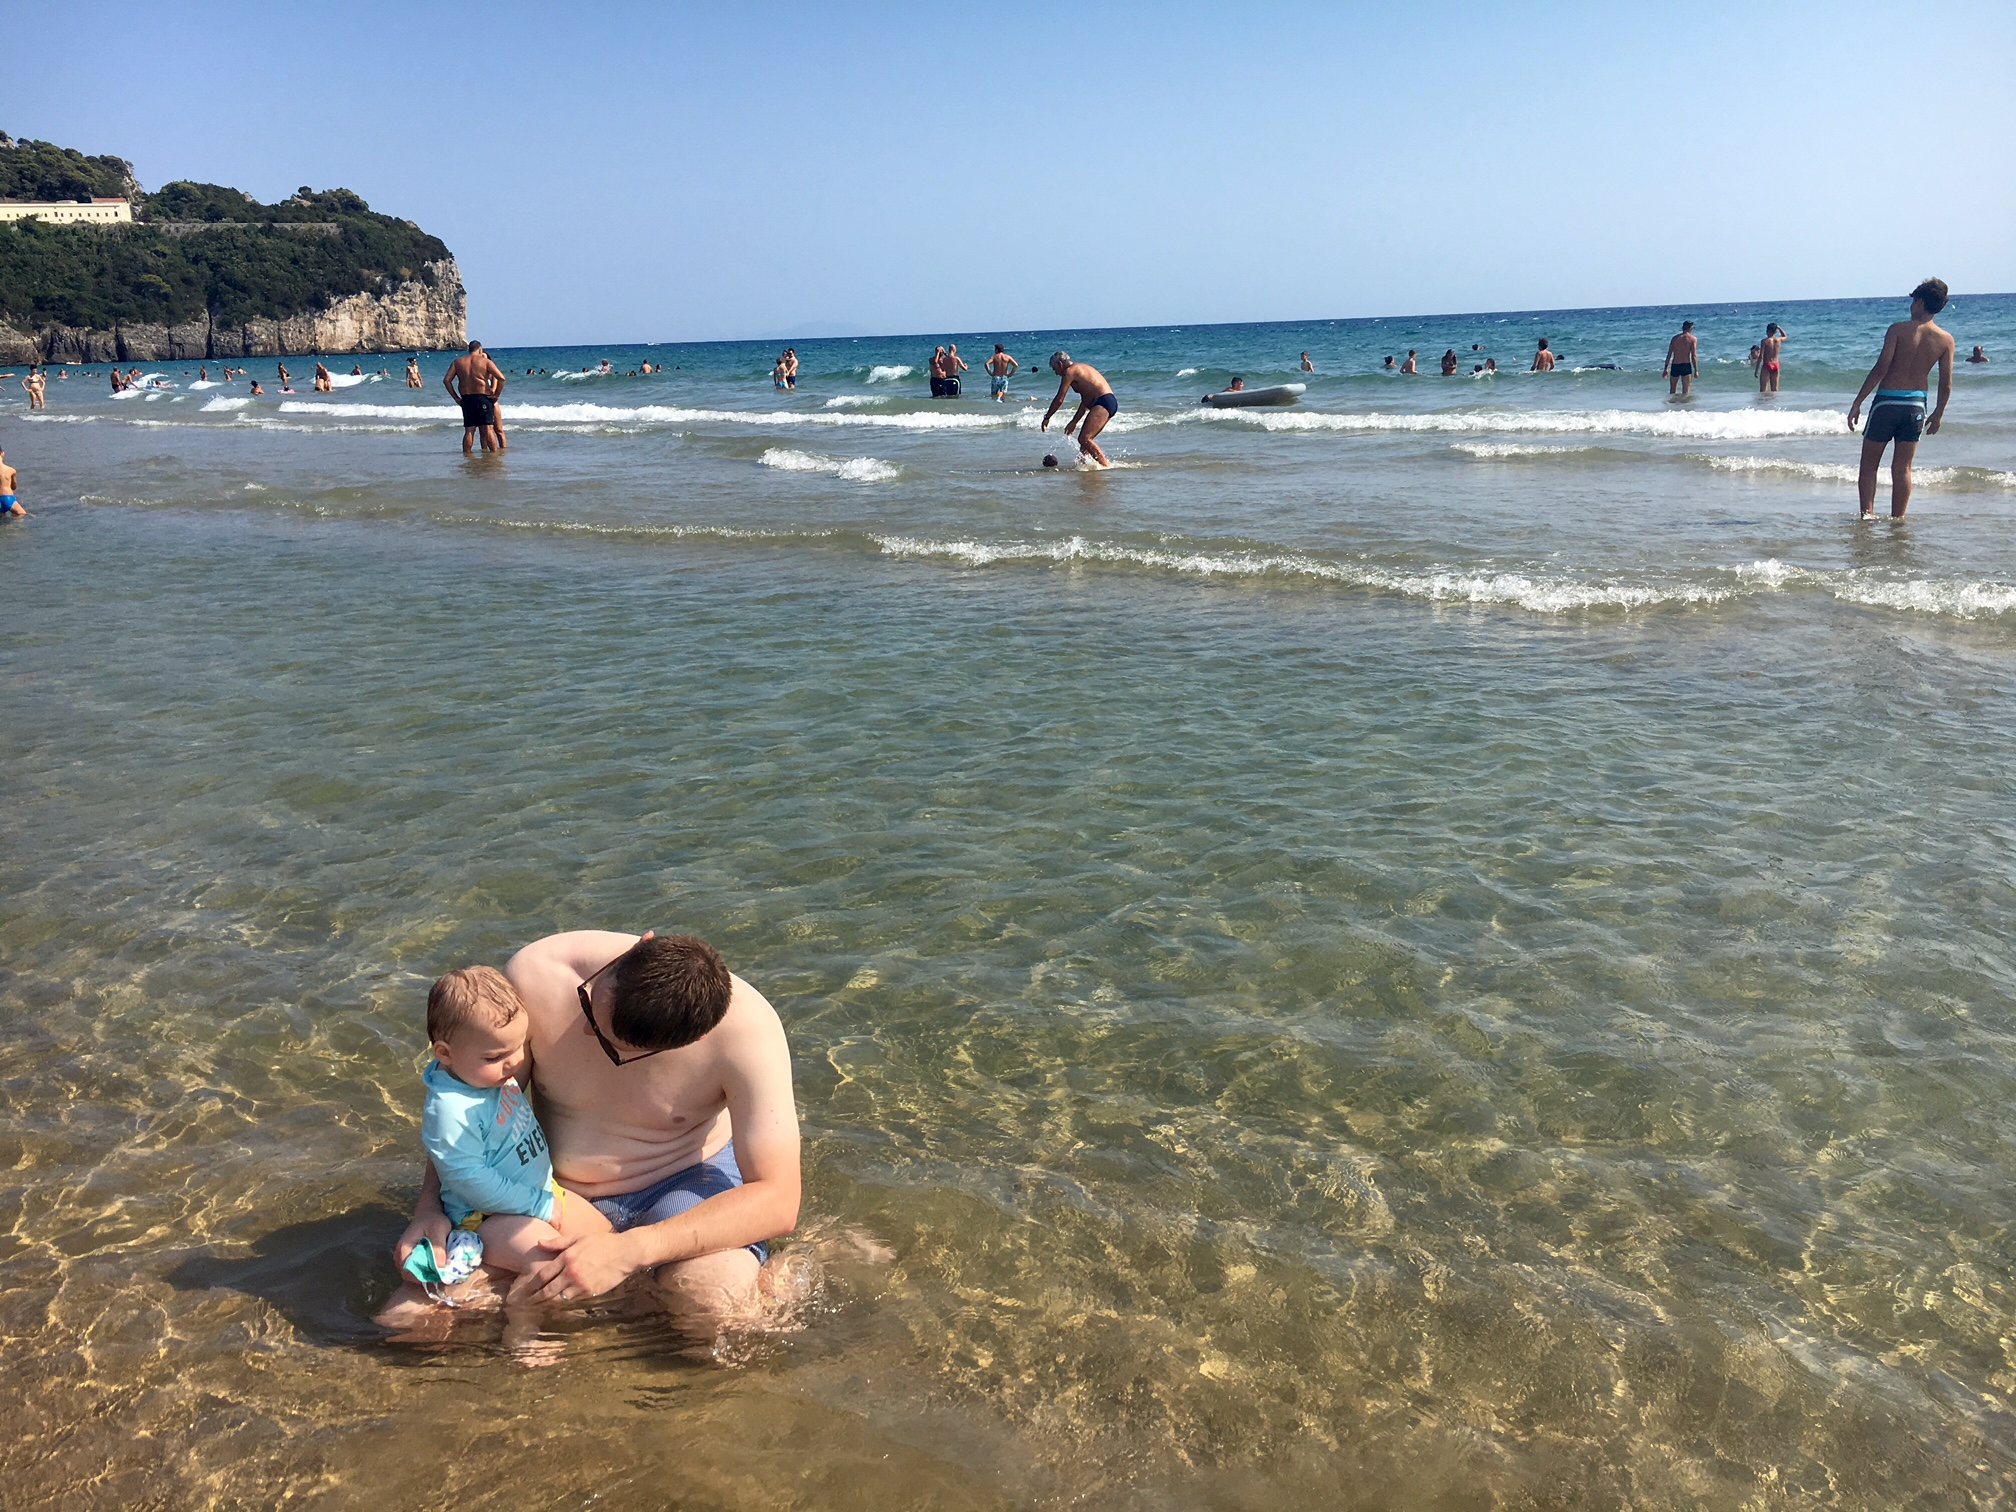 Italian Beach Day with My Boys